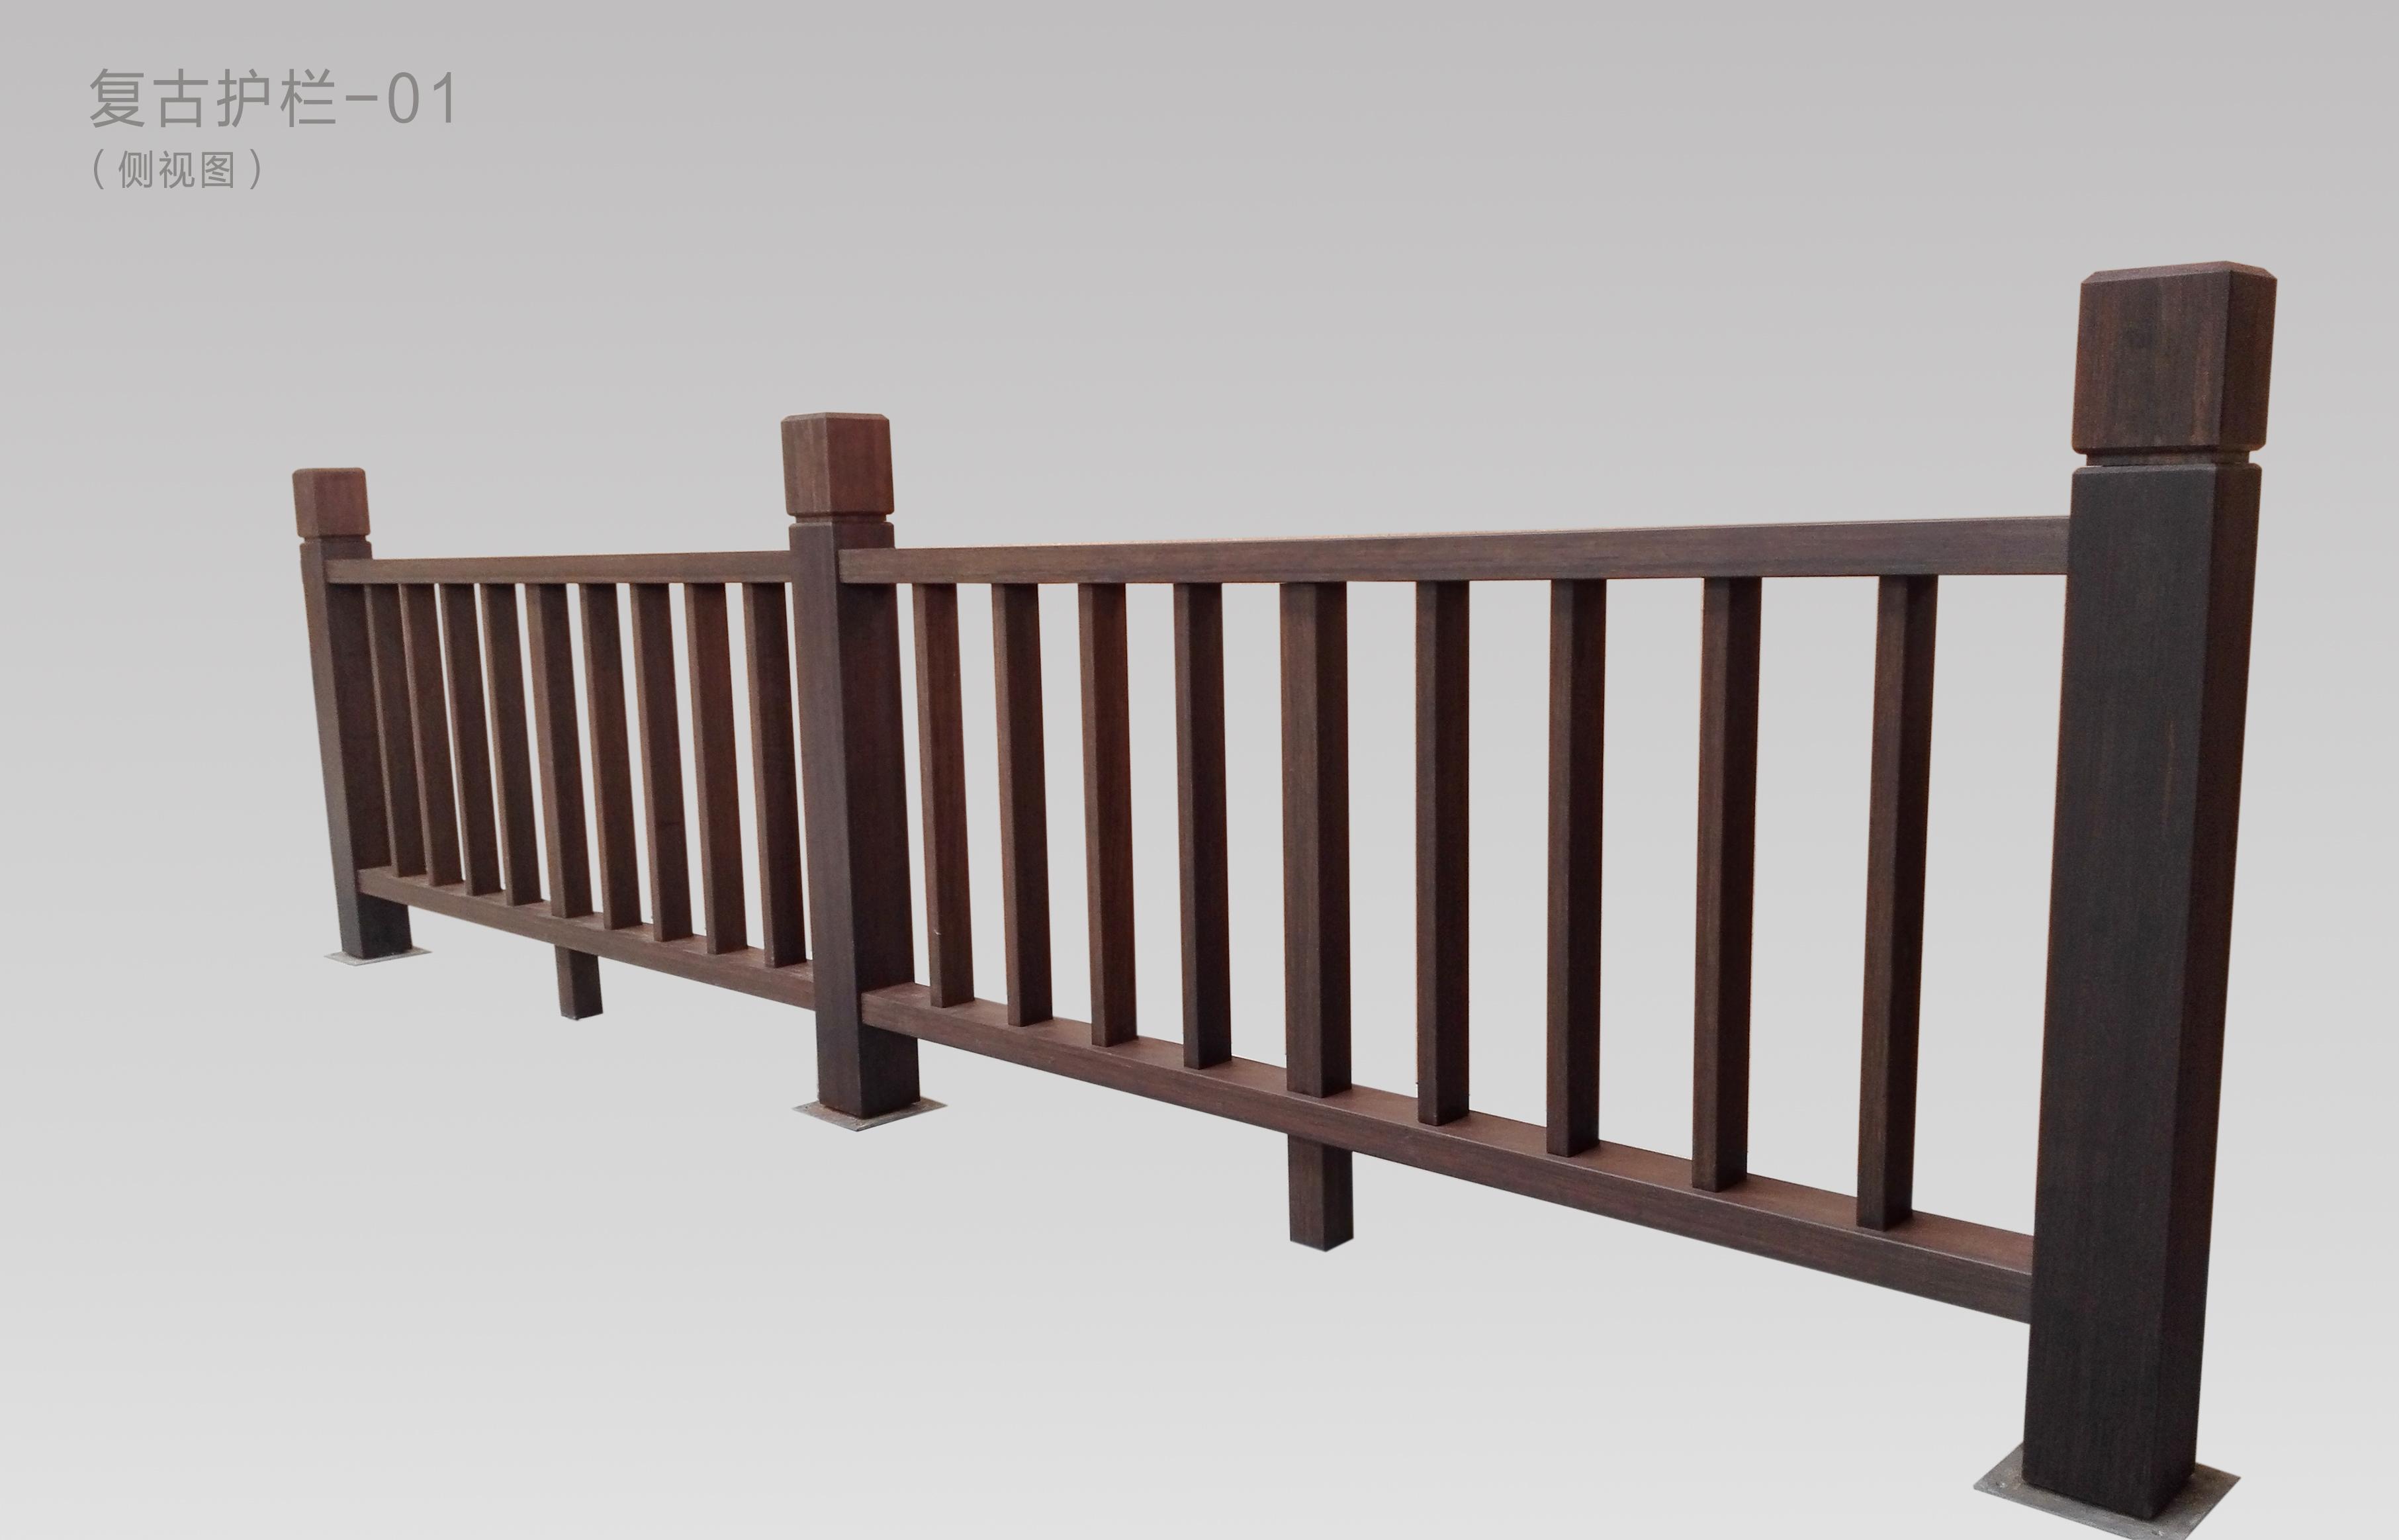 复古护栏—01-侧视